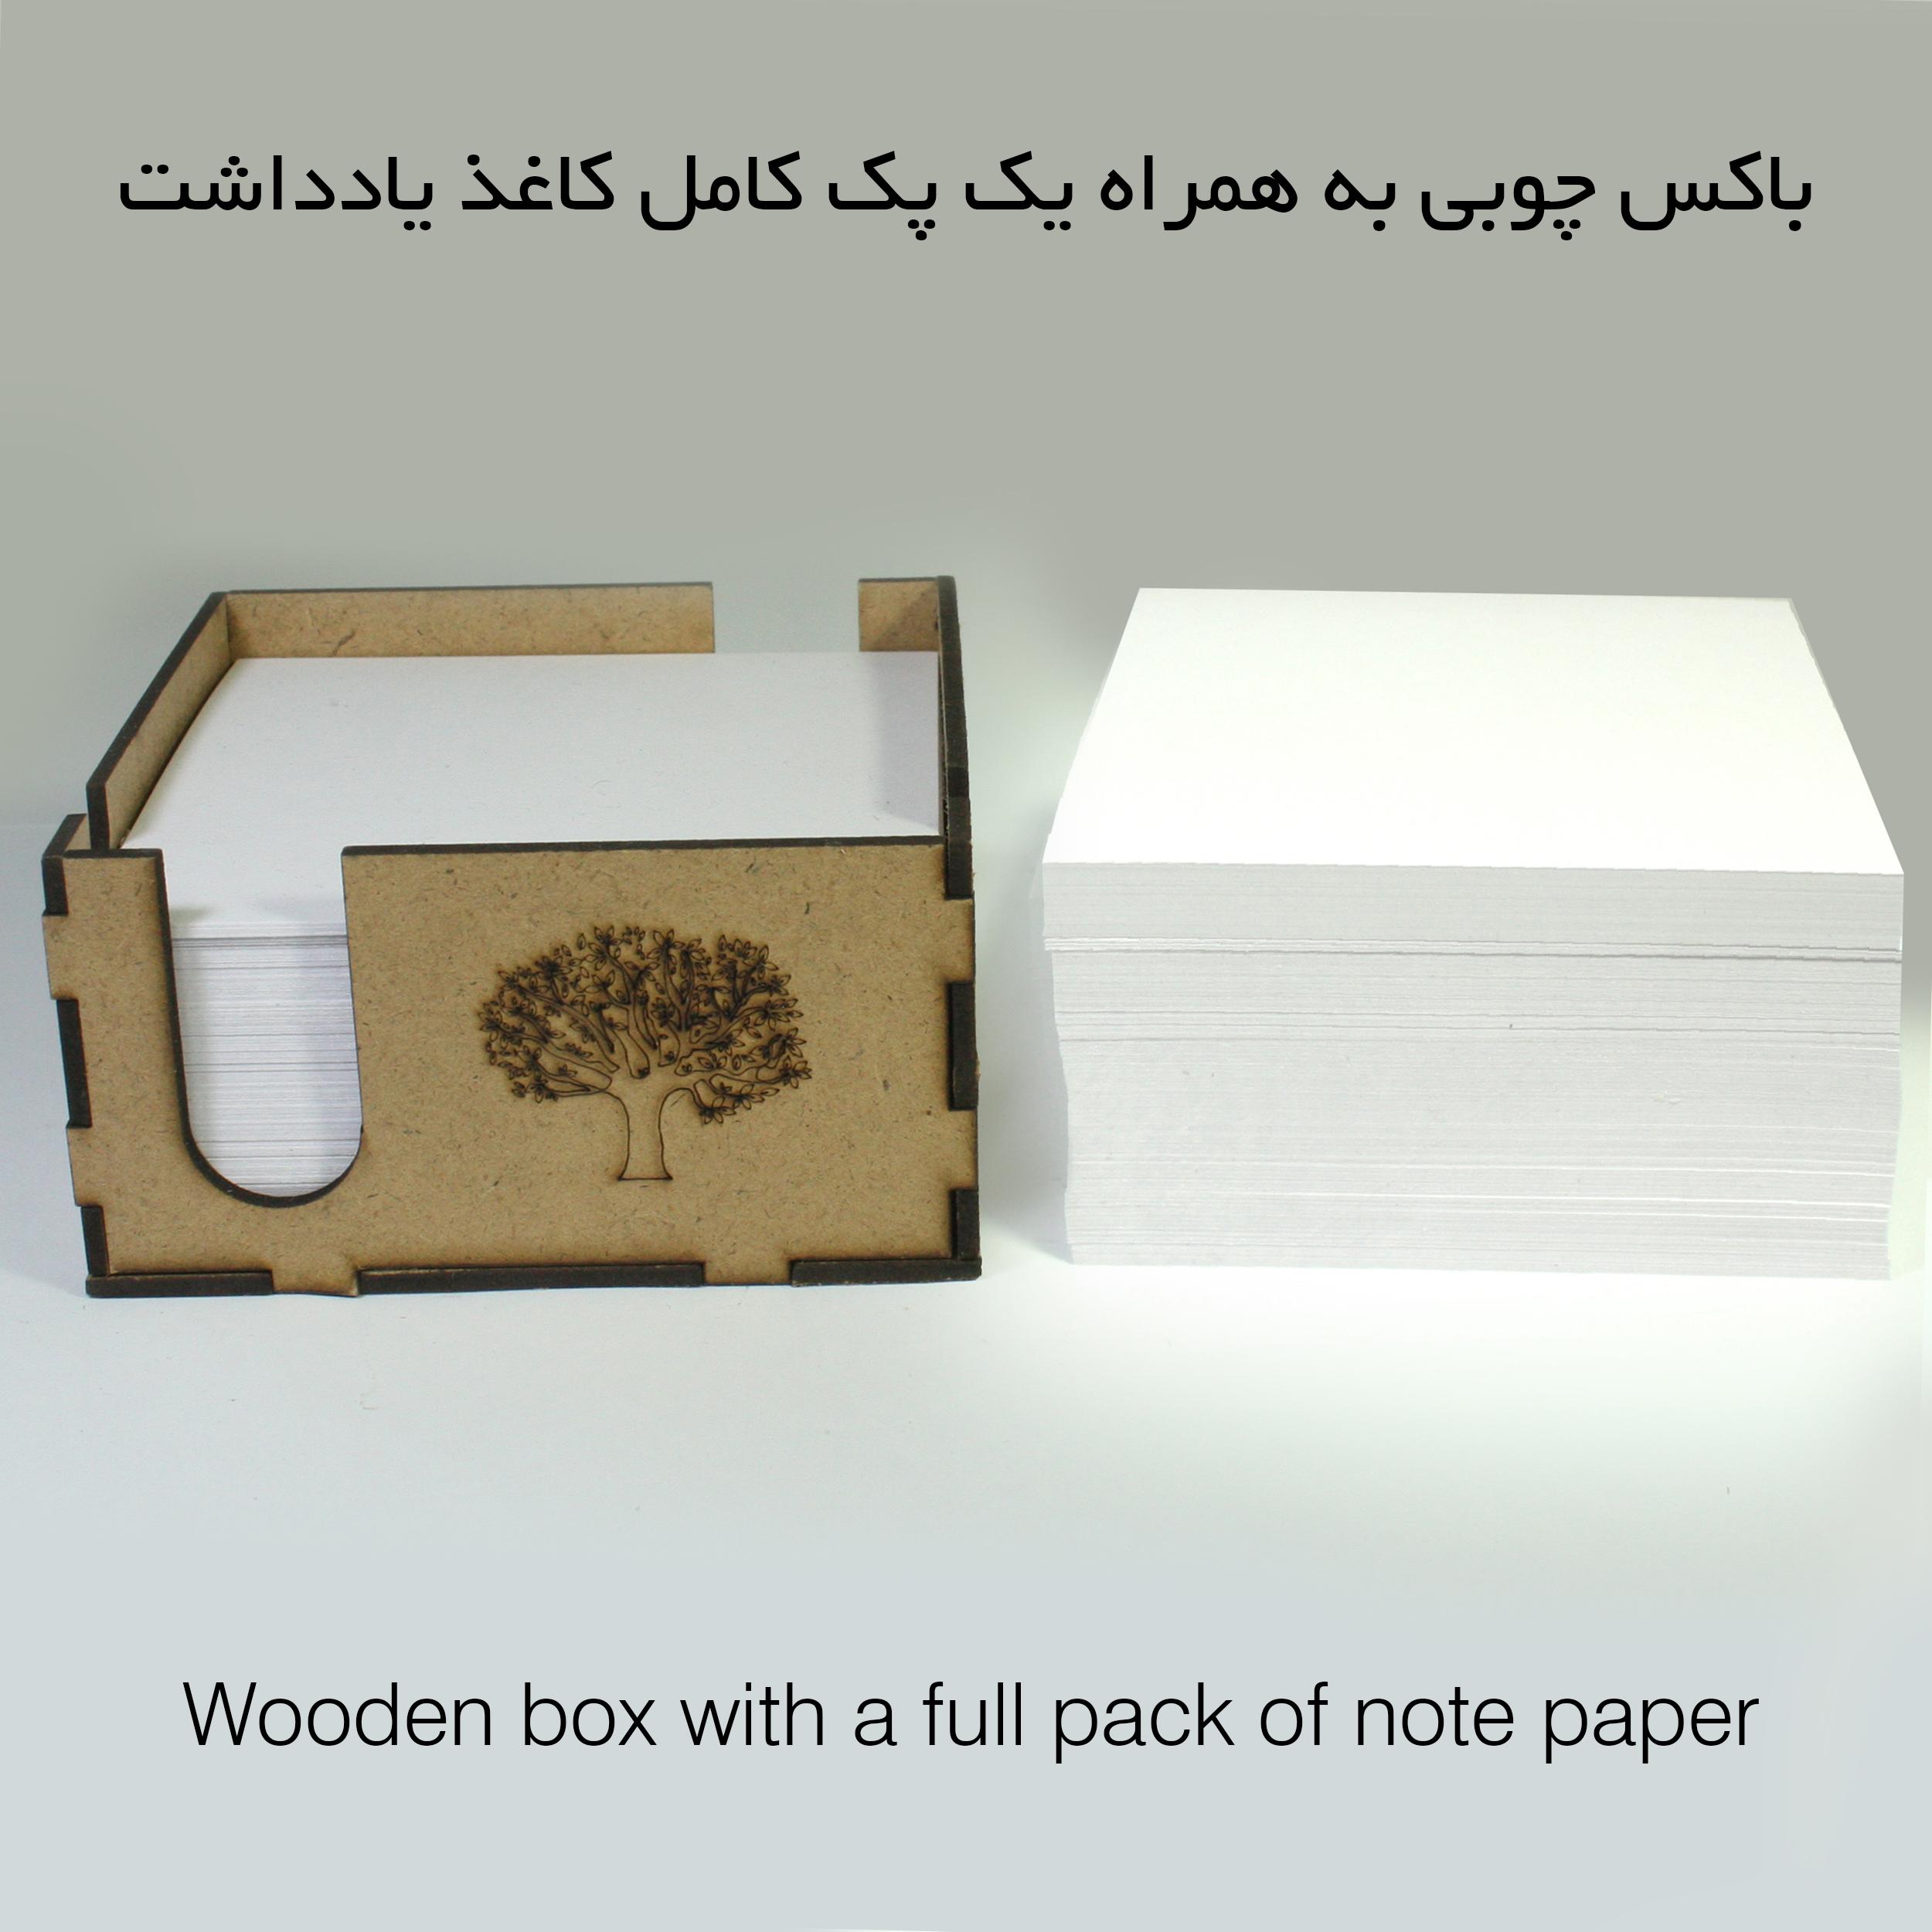 جای کاغذ یادداشت FG مدل سلنا کد 1423 به همراه کاغذ